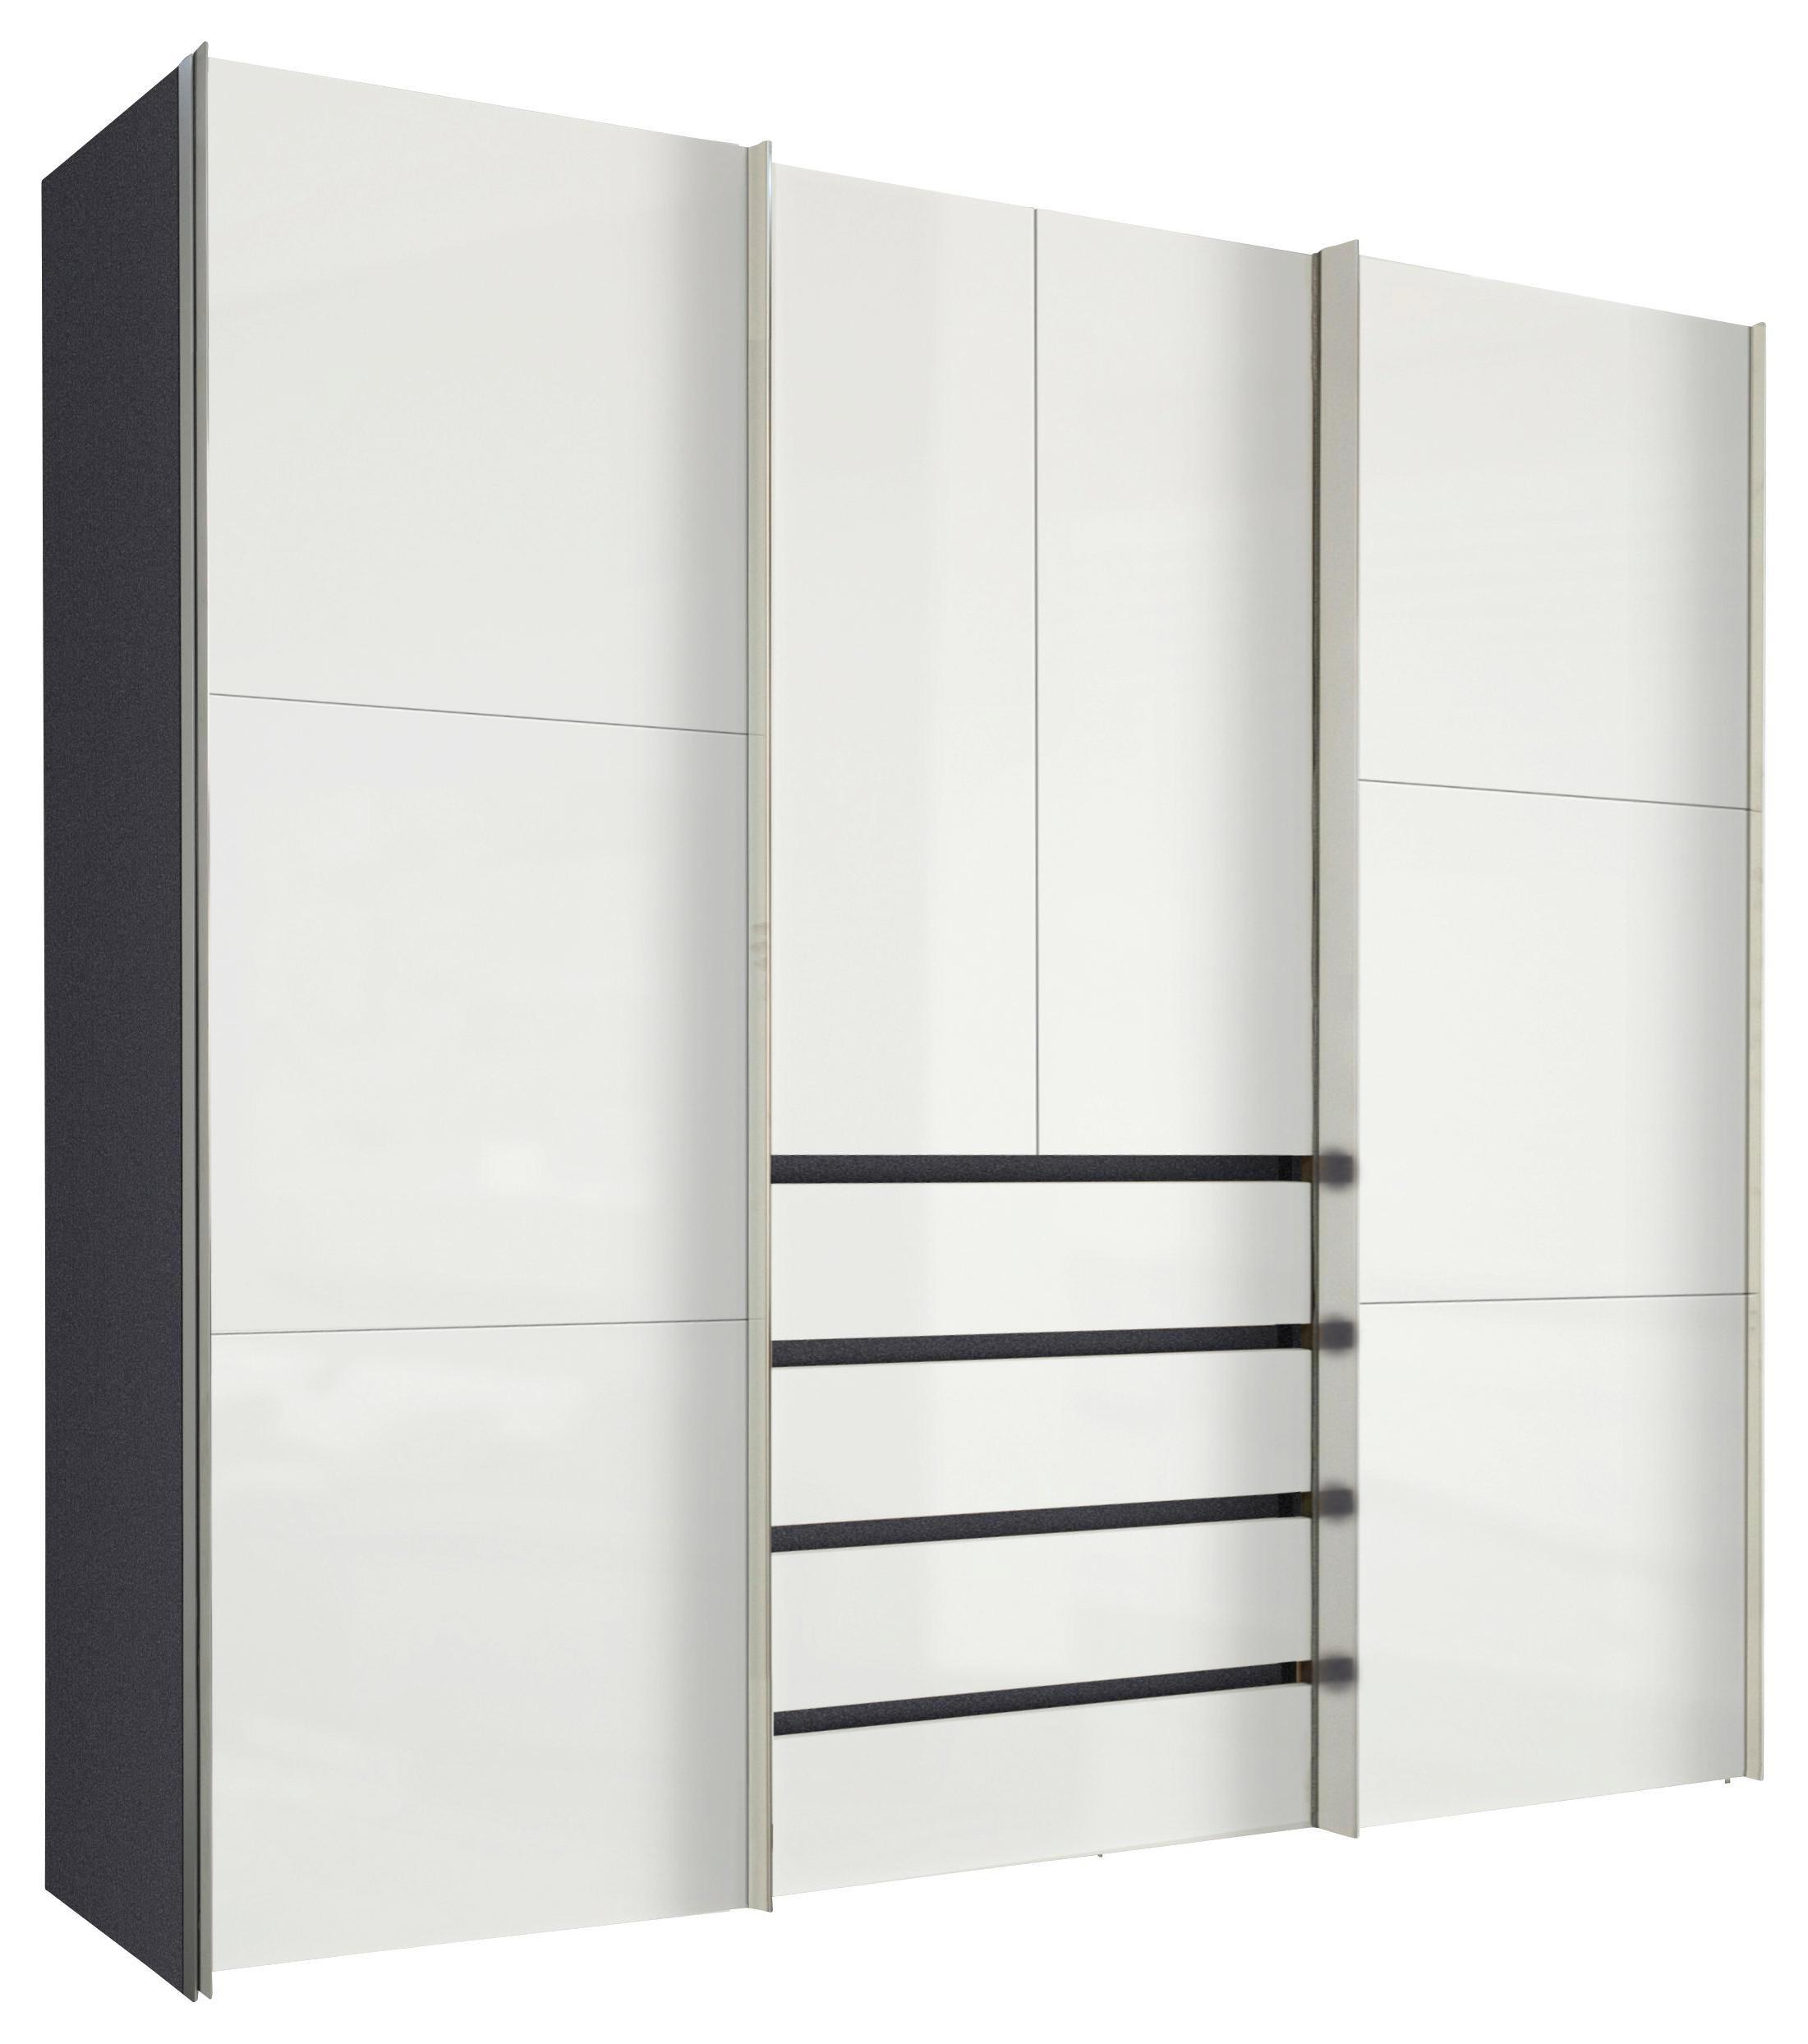 GARDEROB - vit/alufärgad, Design, metall/träbaserade material (250/236/68cm) - Hom`in